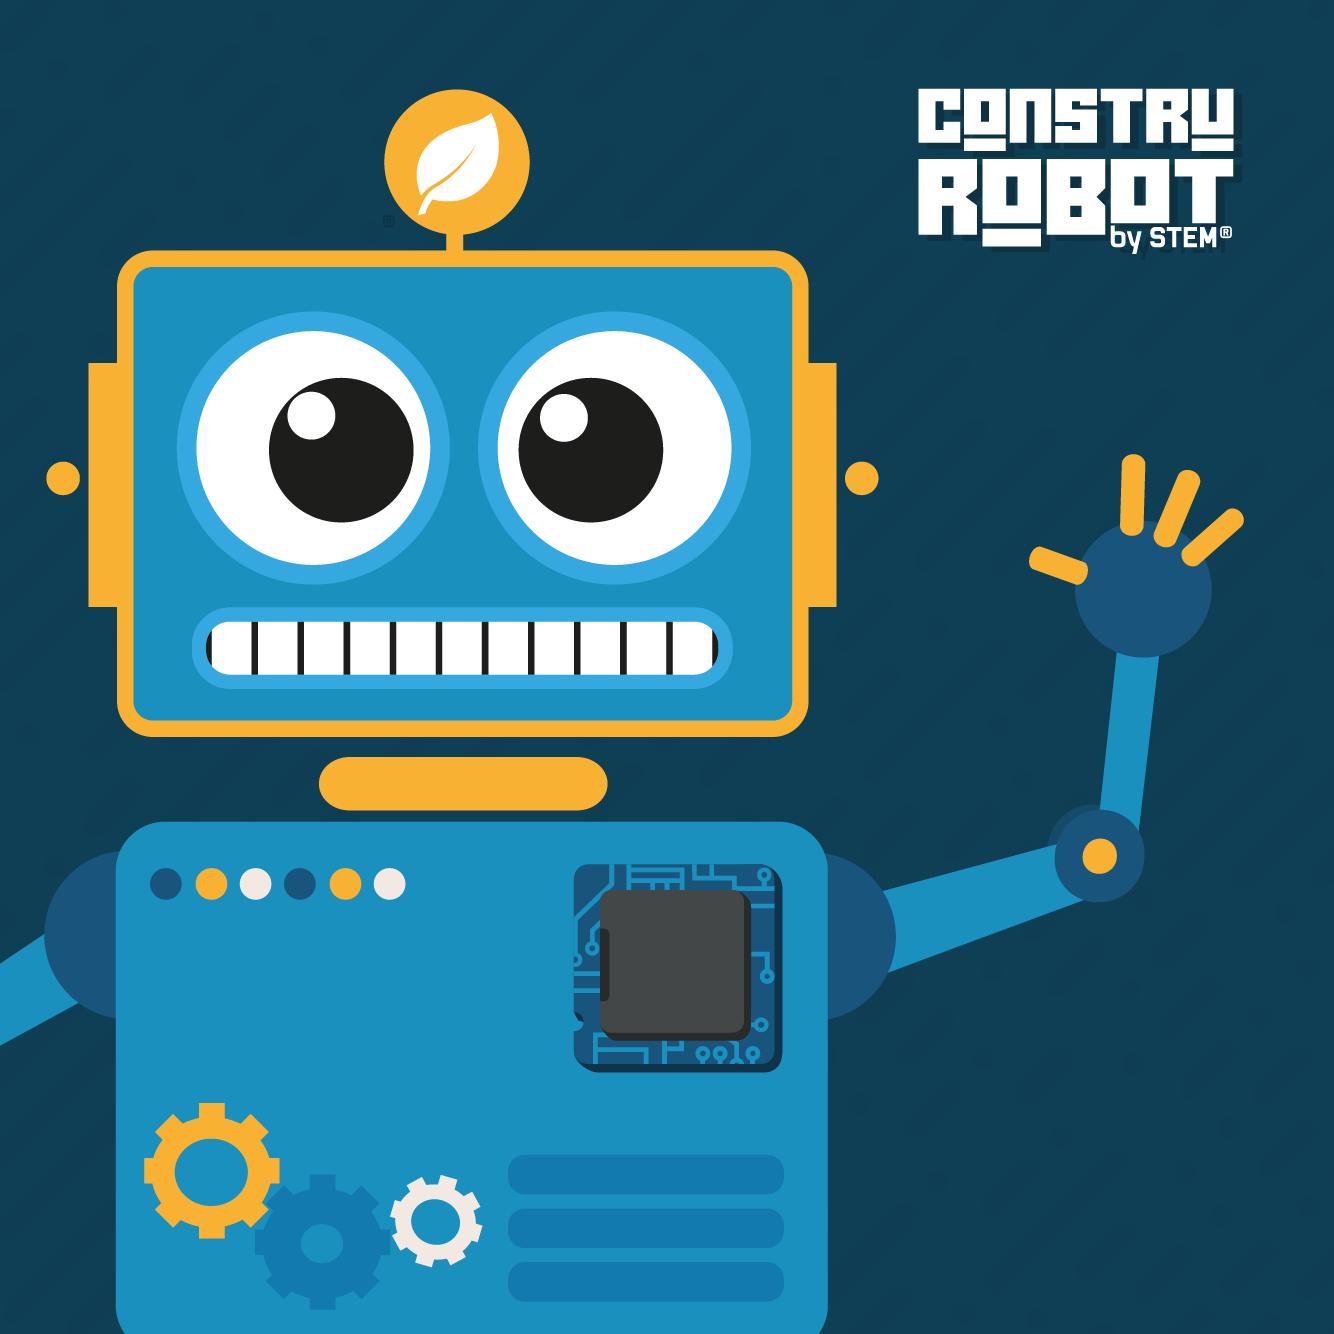 Curso de Robótica STEAM  Virtual 11 a 14 años. Horario: Jueves 4:00 p.m – 5:00 p.m. Inicio 17 de setiembre pago total